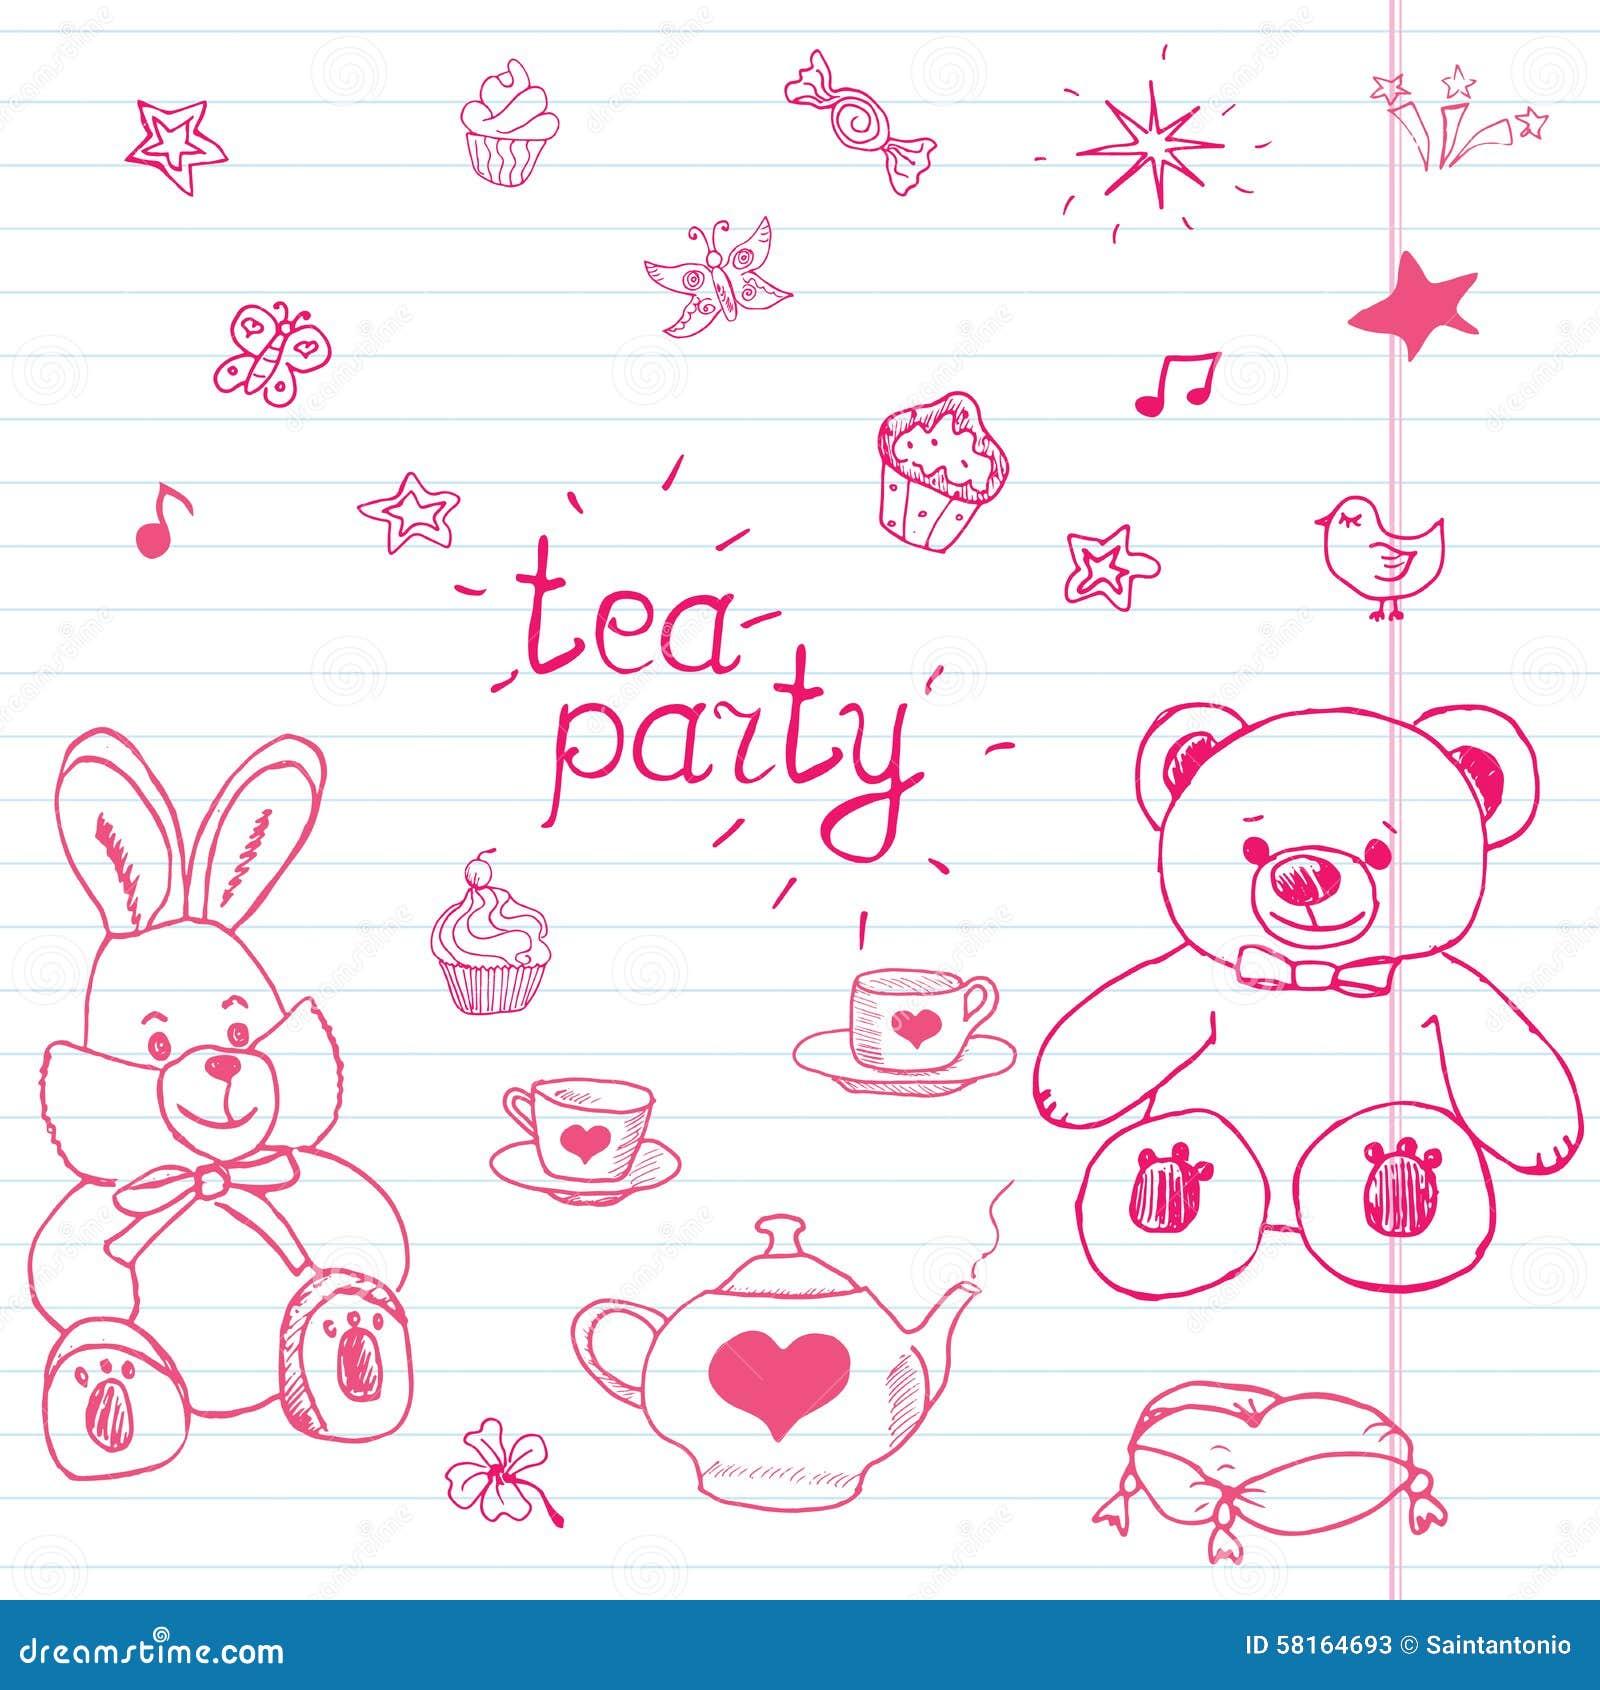 Hand getrokken vectorillustratiereeks van theekransje met gevuld speelgoed, theepot, koppen, pannekoeken, snoepjesvogels en vlind